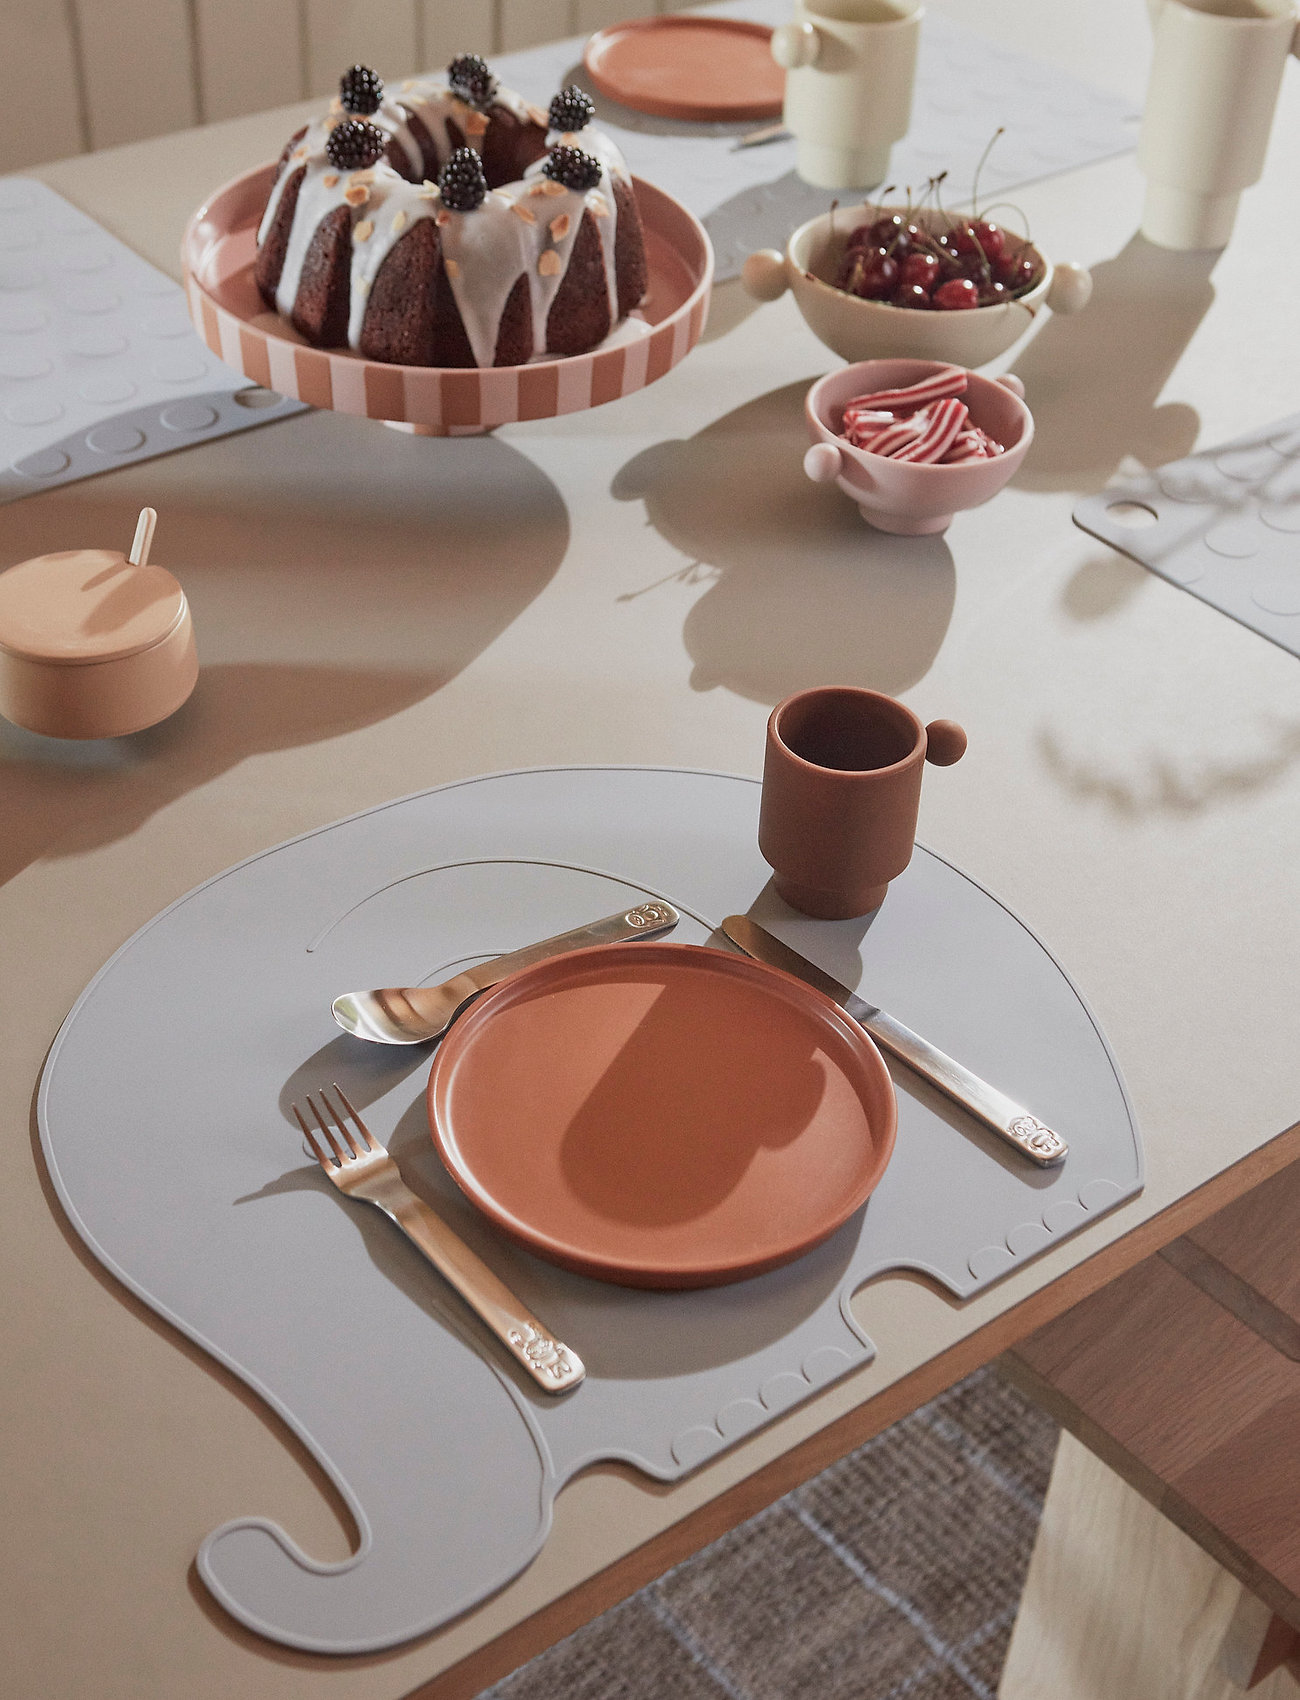 OYOY Living Design - Toppu Tray - Large - kakefat - caramel / rose - 1